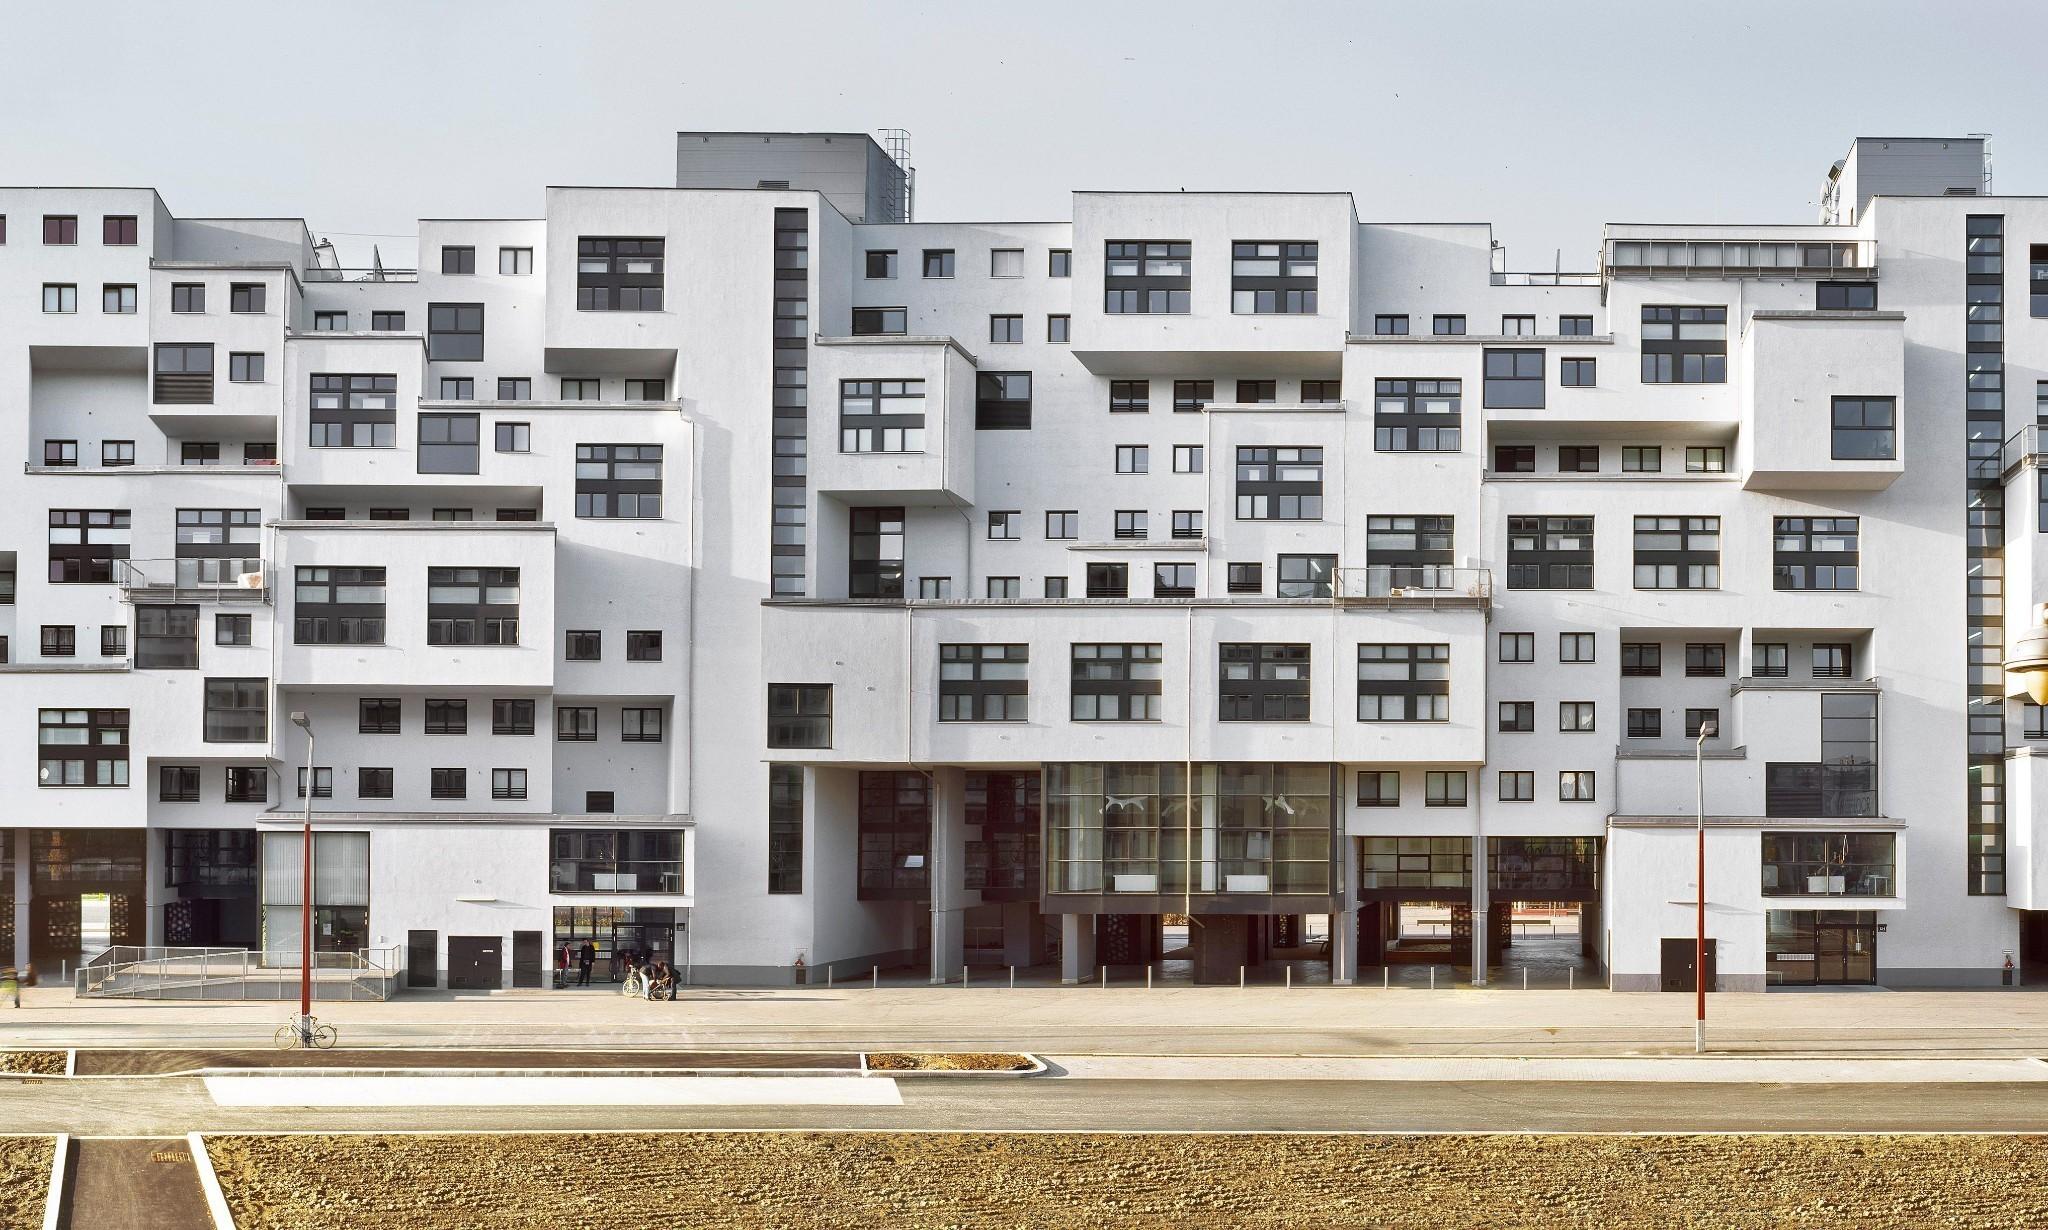 Story of cities #18: Vienna's 'wild settlers' kickstart a social housing revolution